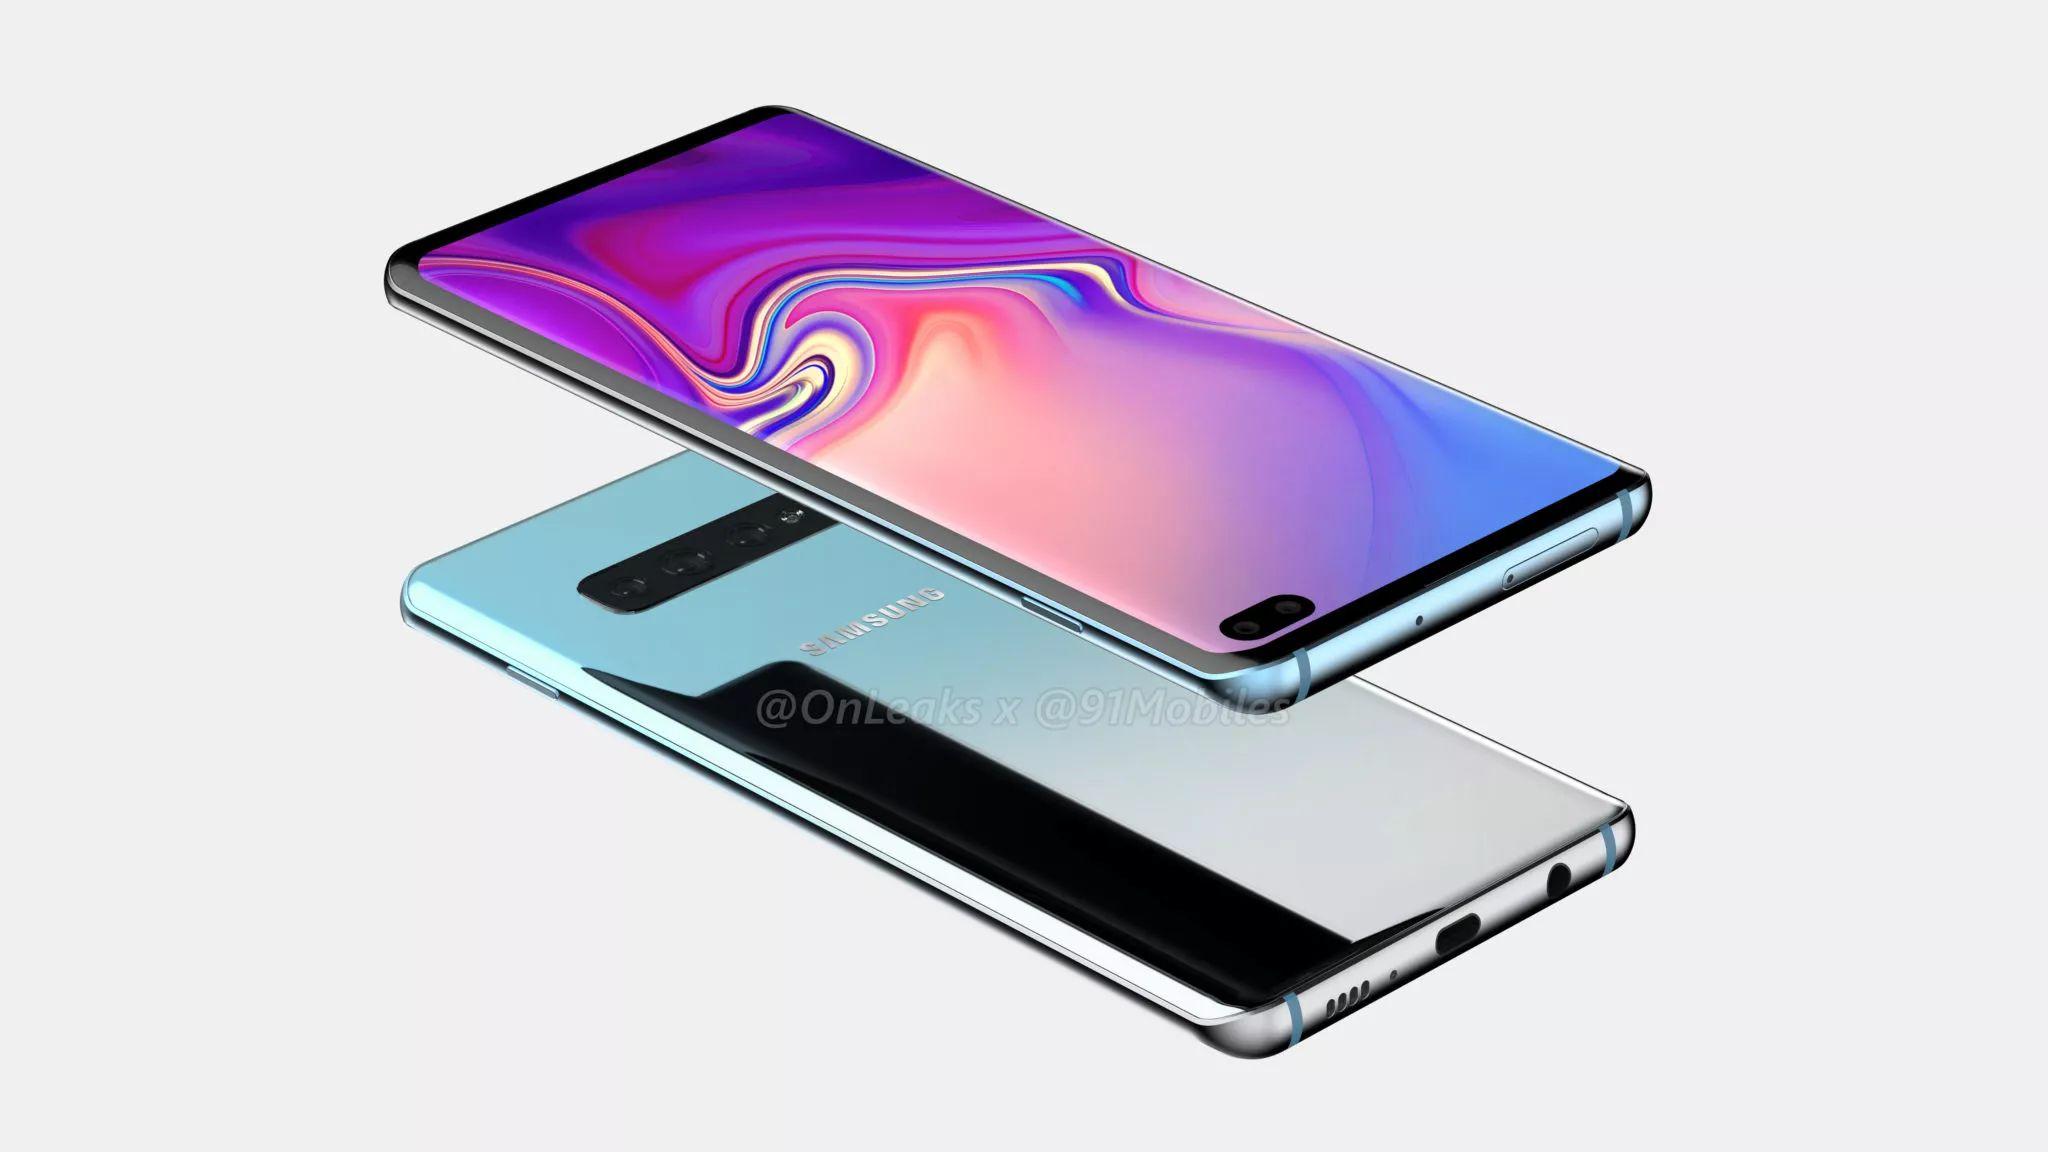 W jakich kolorach będzie dostępny Samsung Galaxy S10? Wygląda na to, że już to wiemy 22